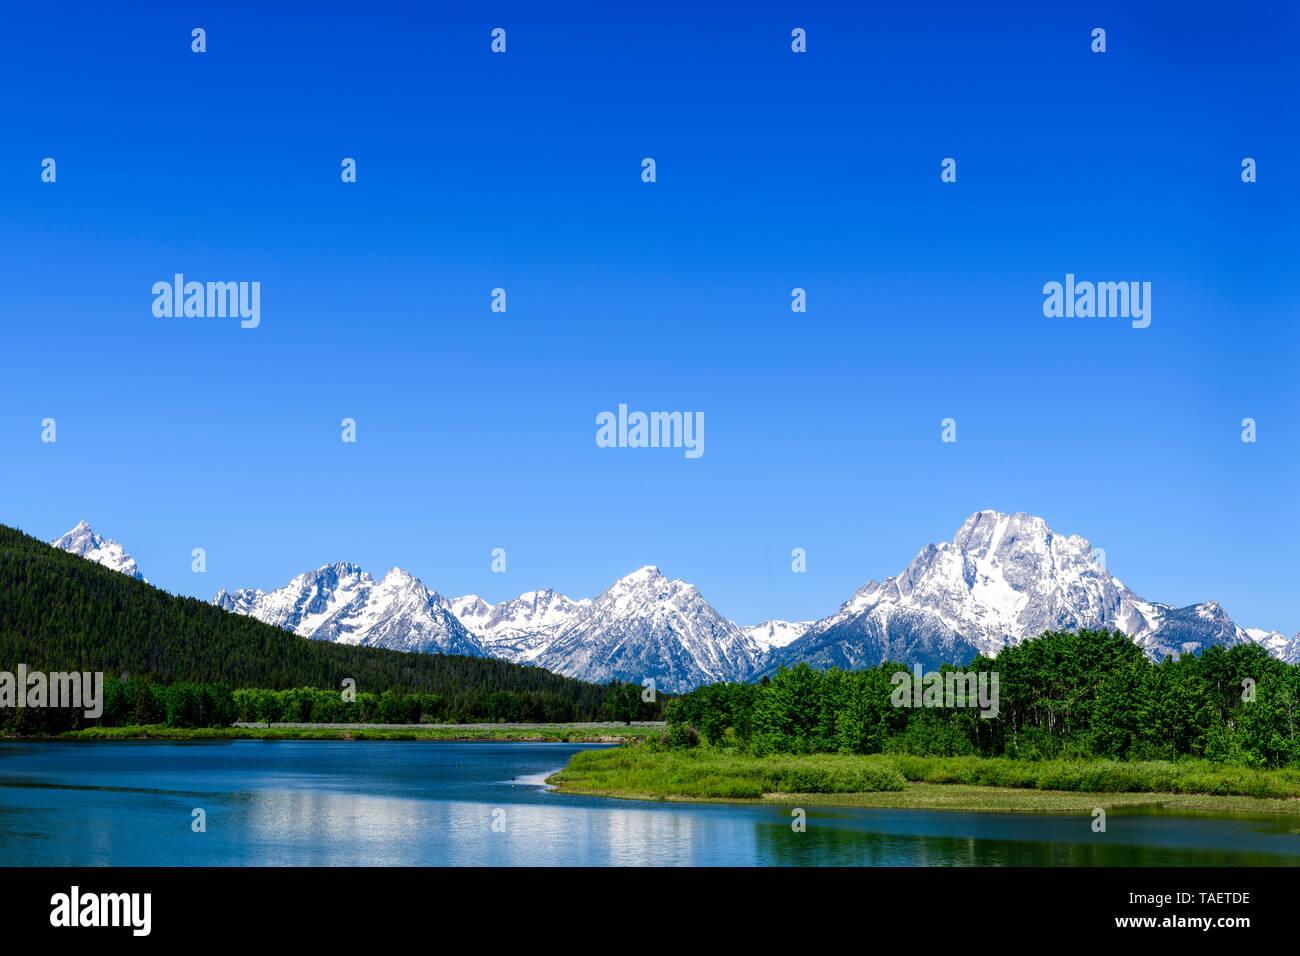 Mt. Moran e il fiume Snake in Grand Teton National Park vicino a Jackson Hole, Wyoming negli Stati Uniti. Foto Stock